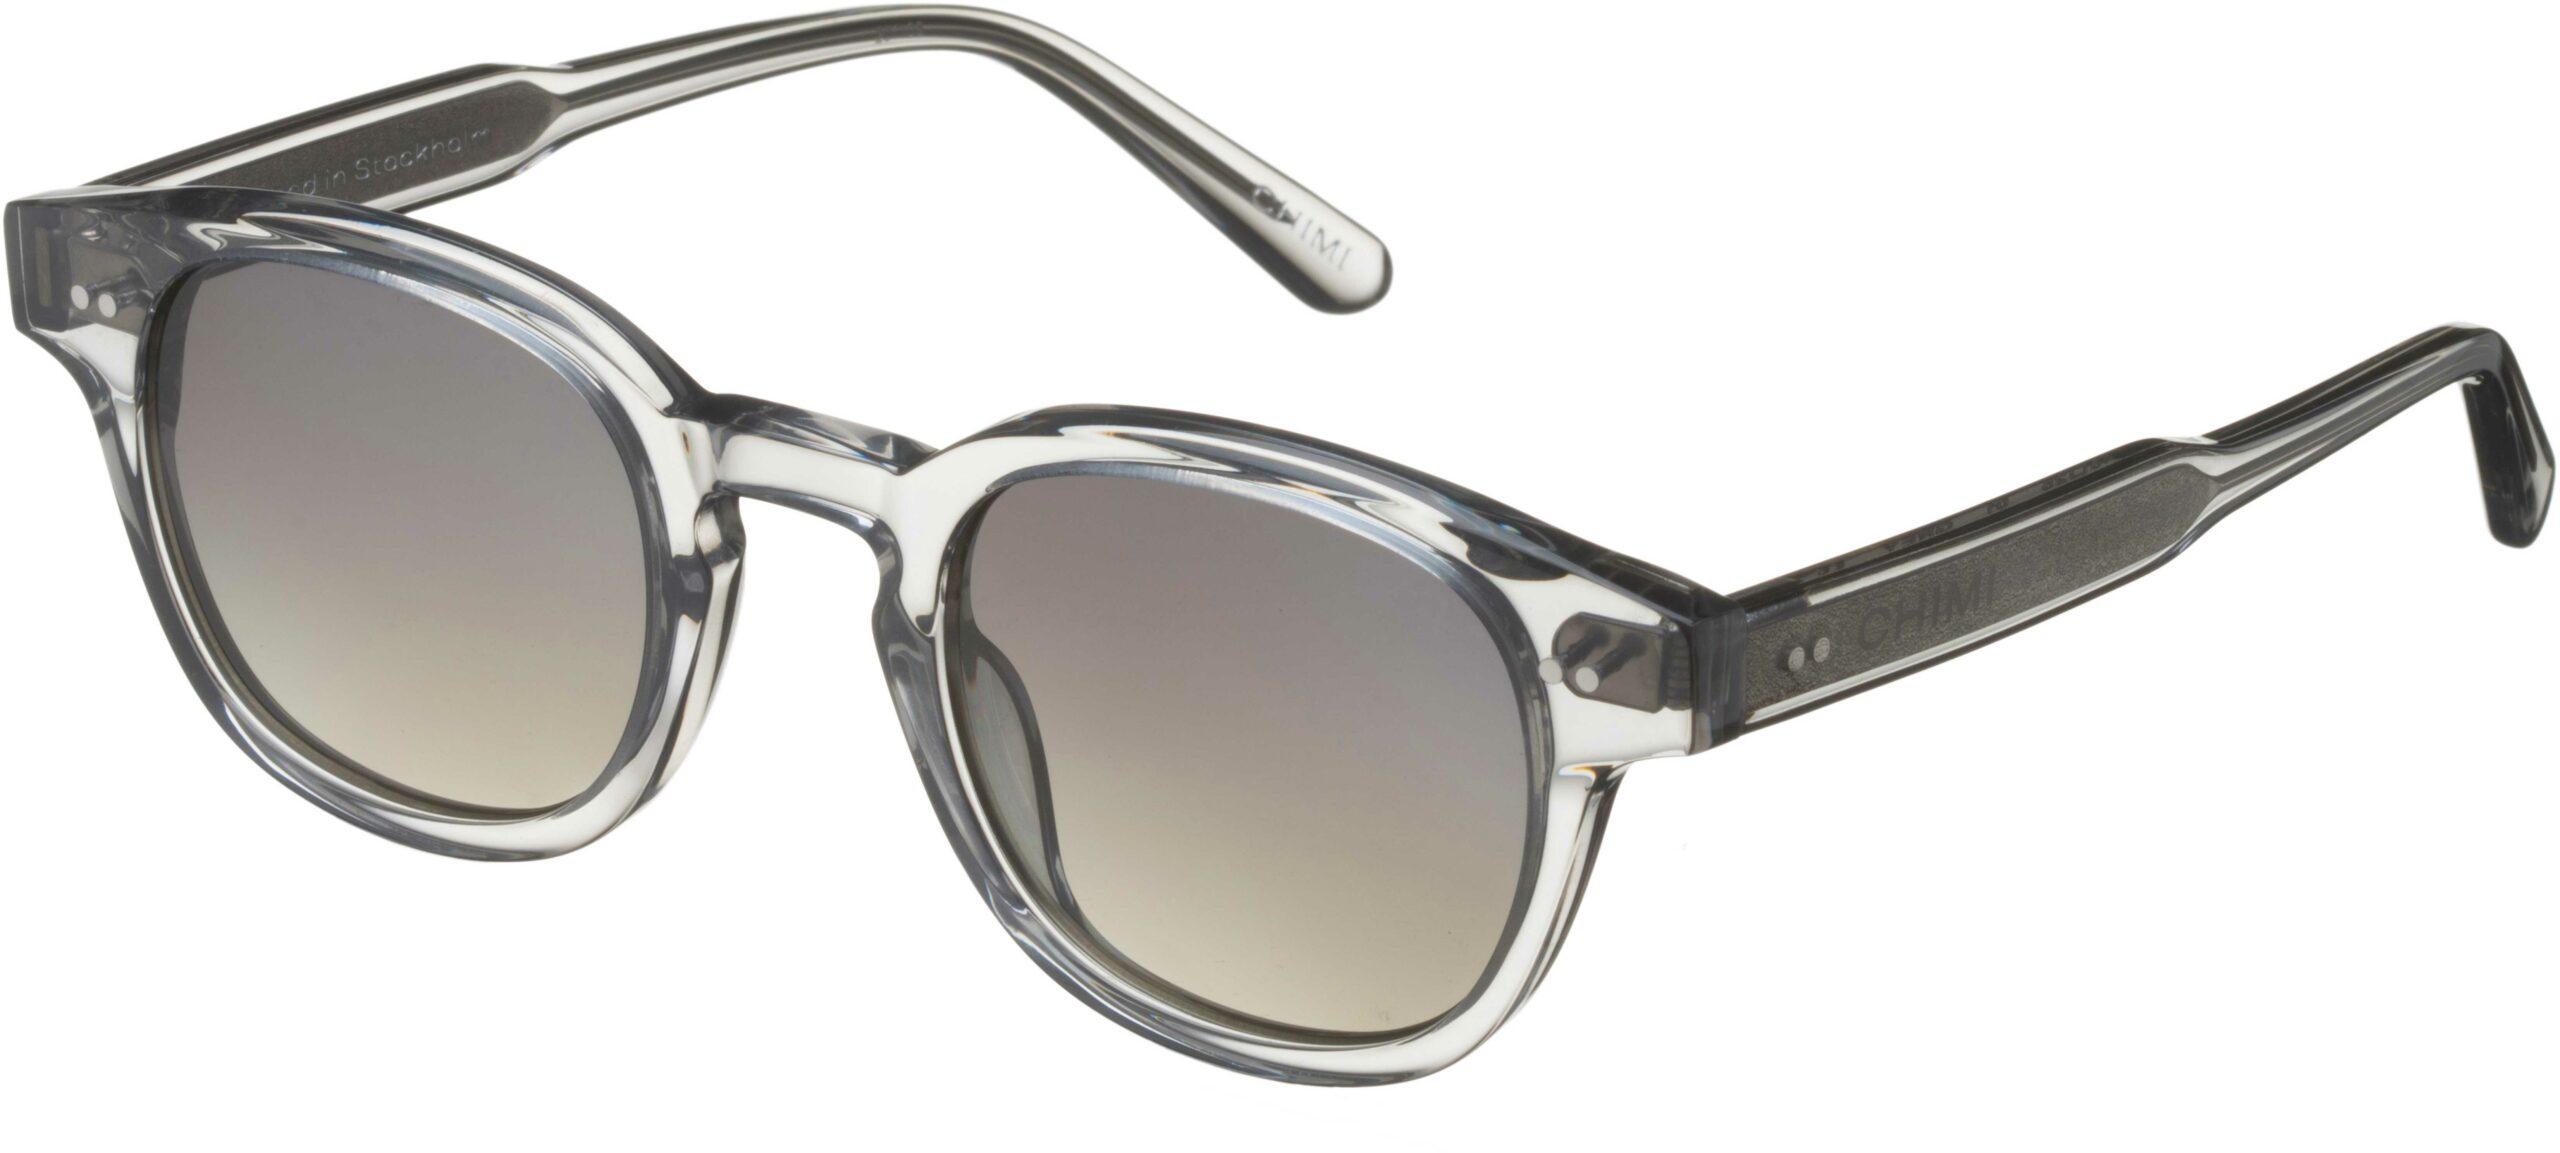 Chimi Eyewear #01 Grey/Gradient Grey | 7340192604666